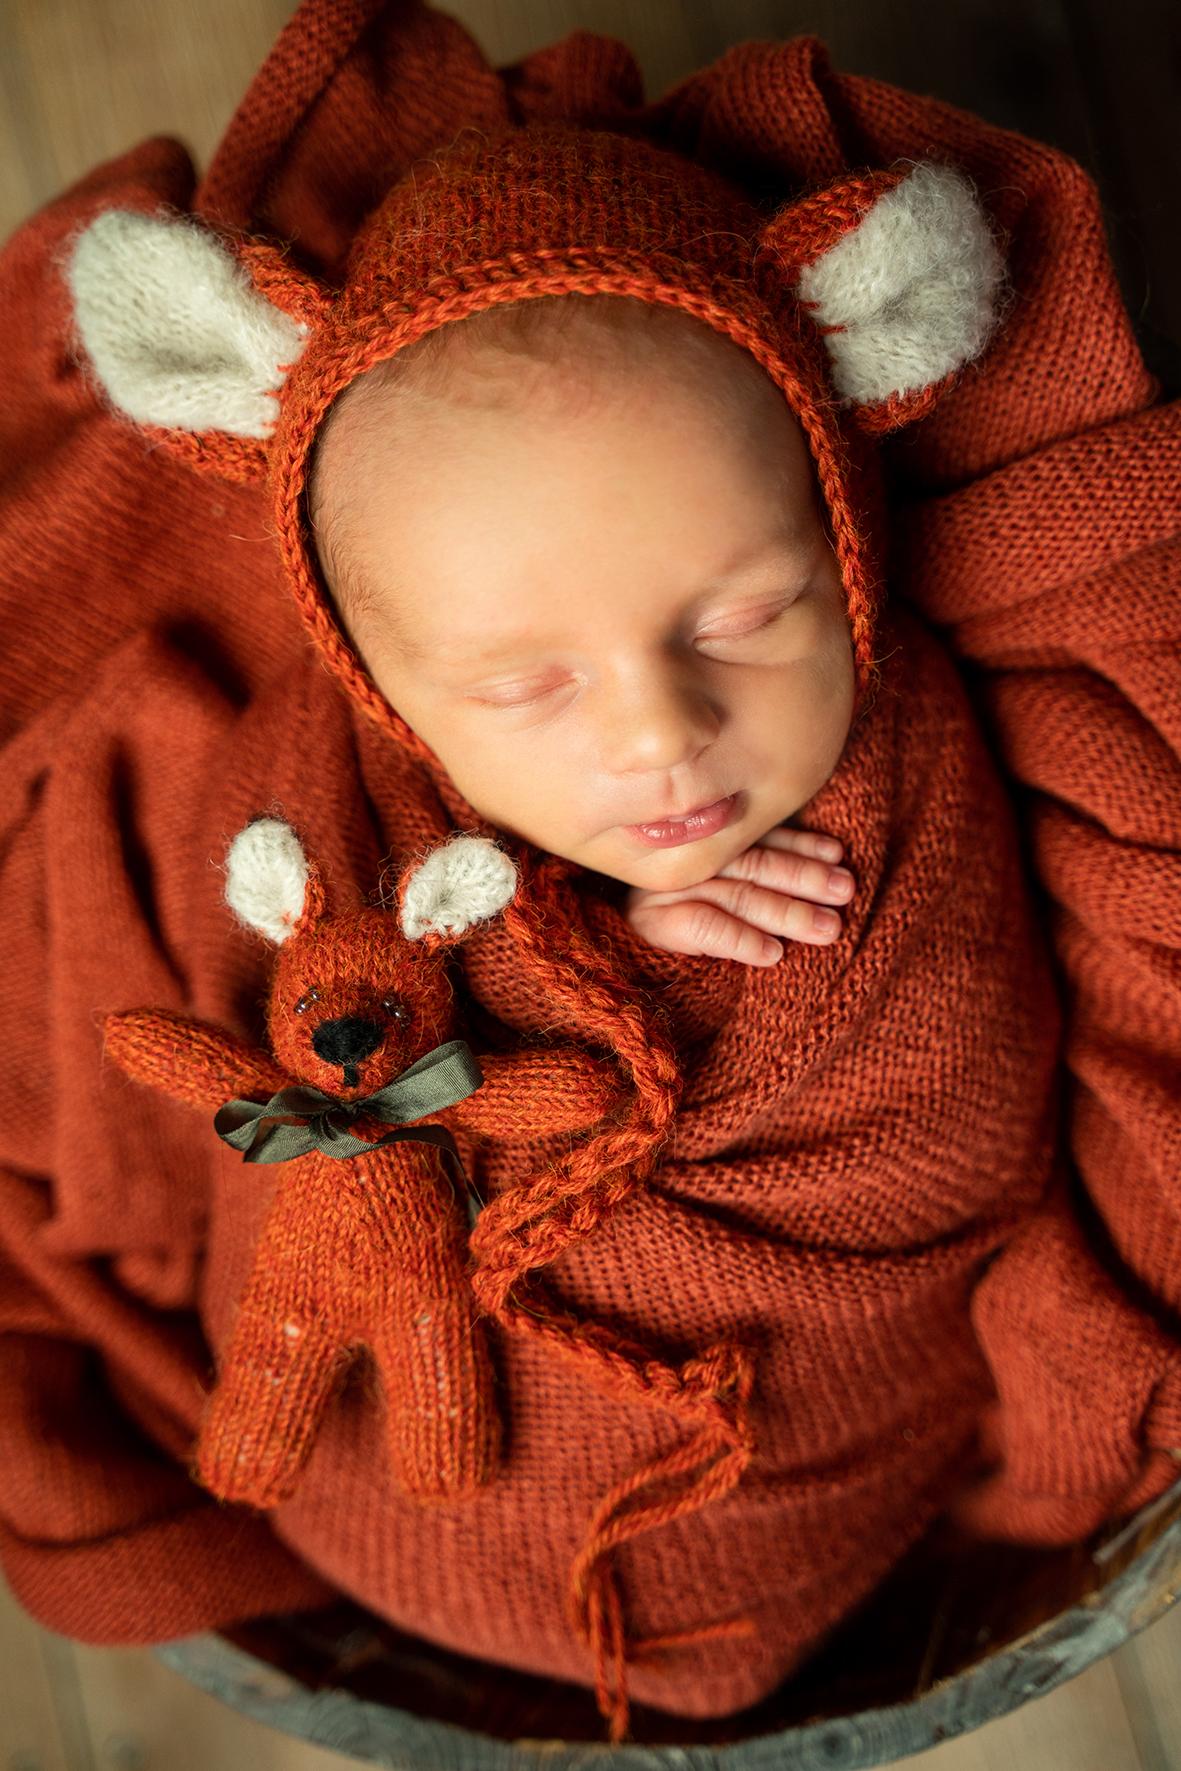 Babyshooting Themenfotos Baby mit Fuchsmütze beim Newbornshooting in Lilienthal